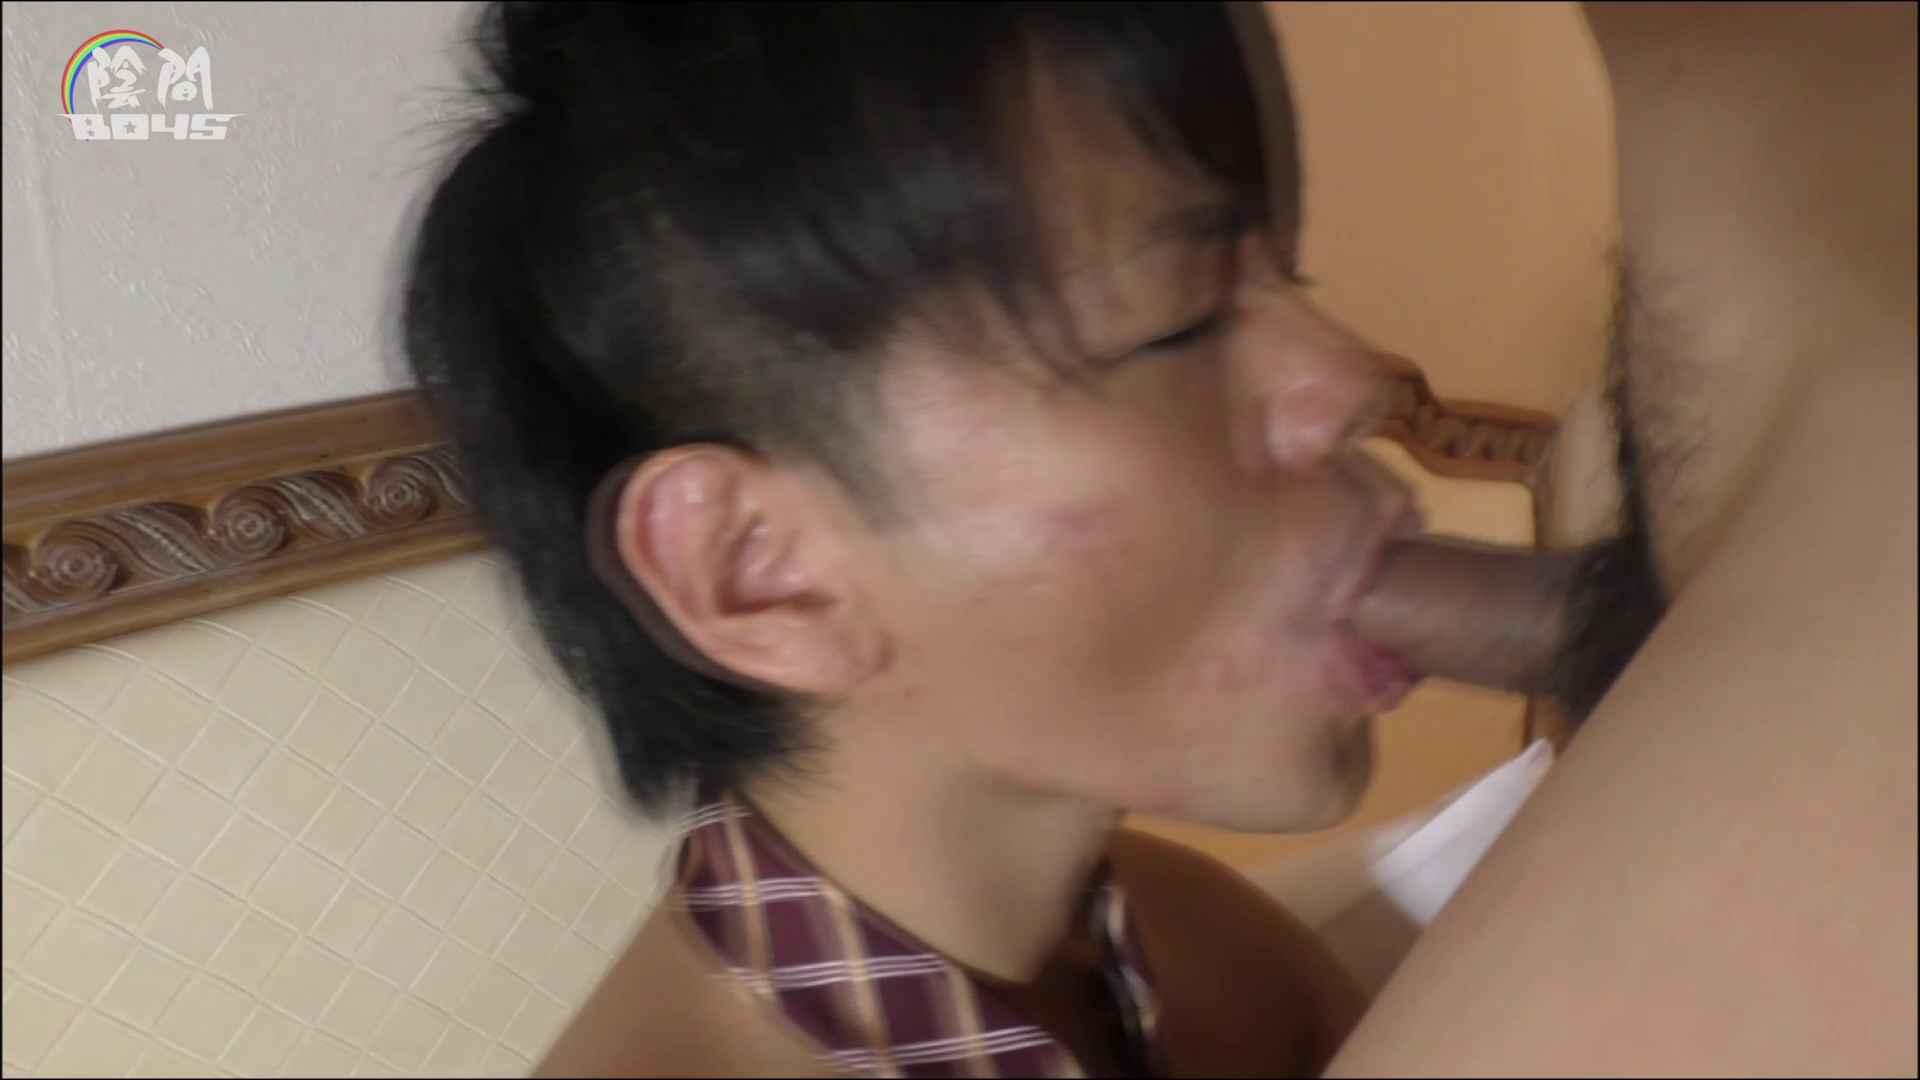 陰間BOYS~キャバクラの仕事はアナルから4 Vol.05 エッチ  82pic 11